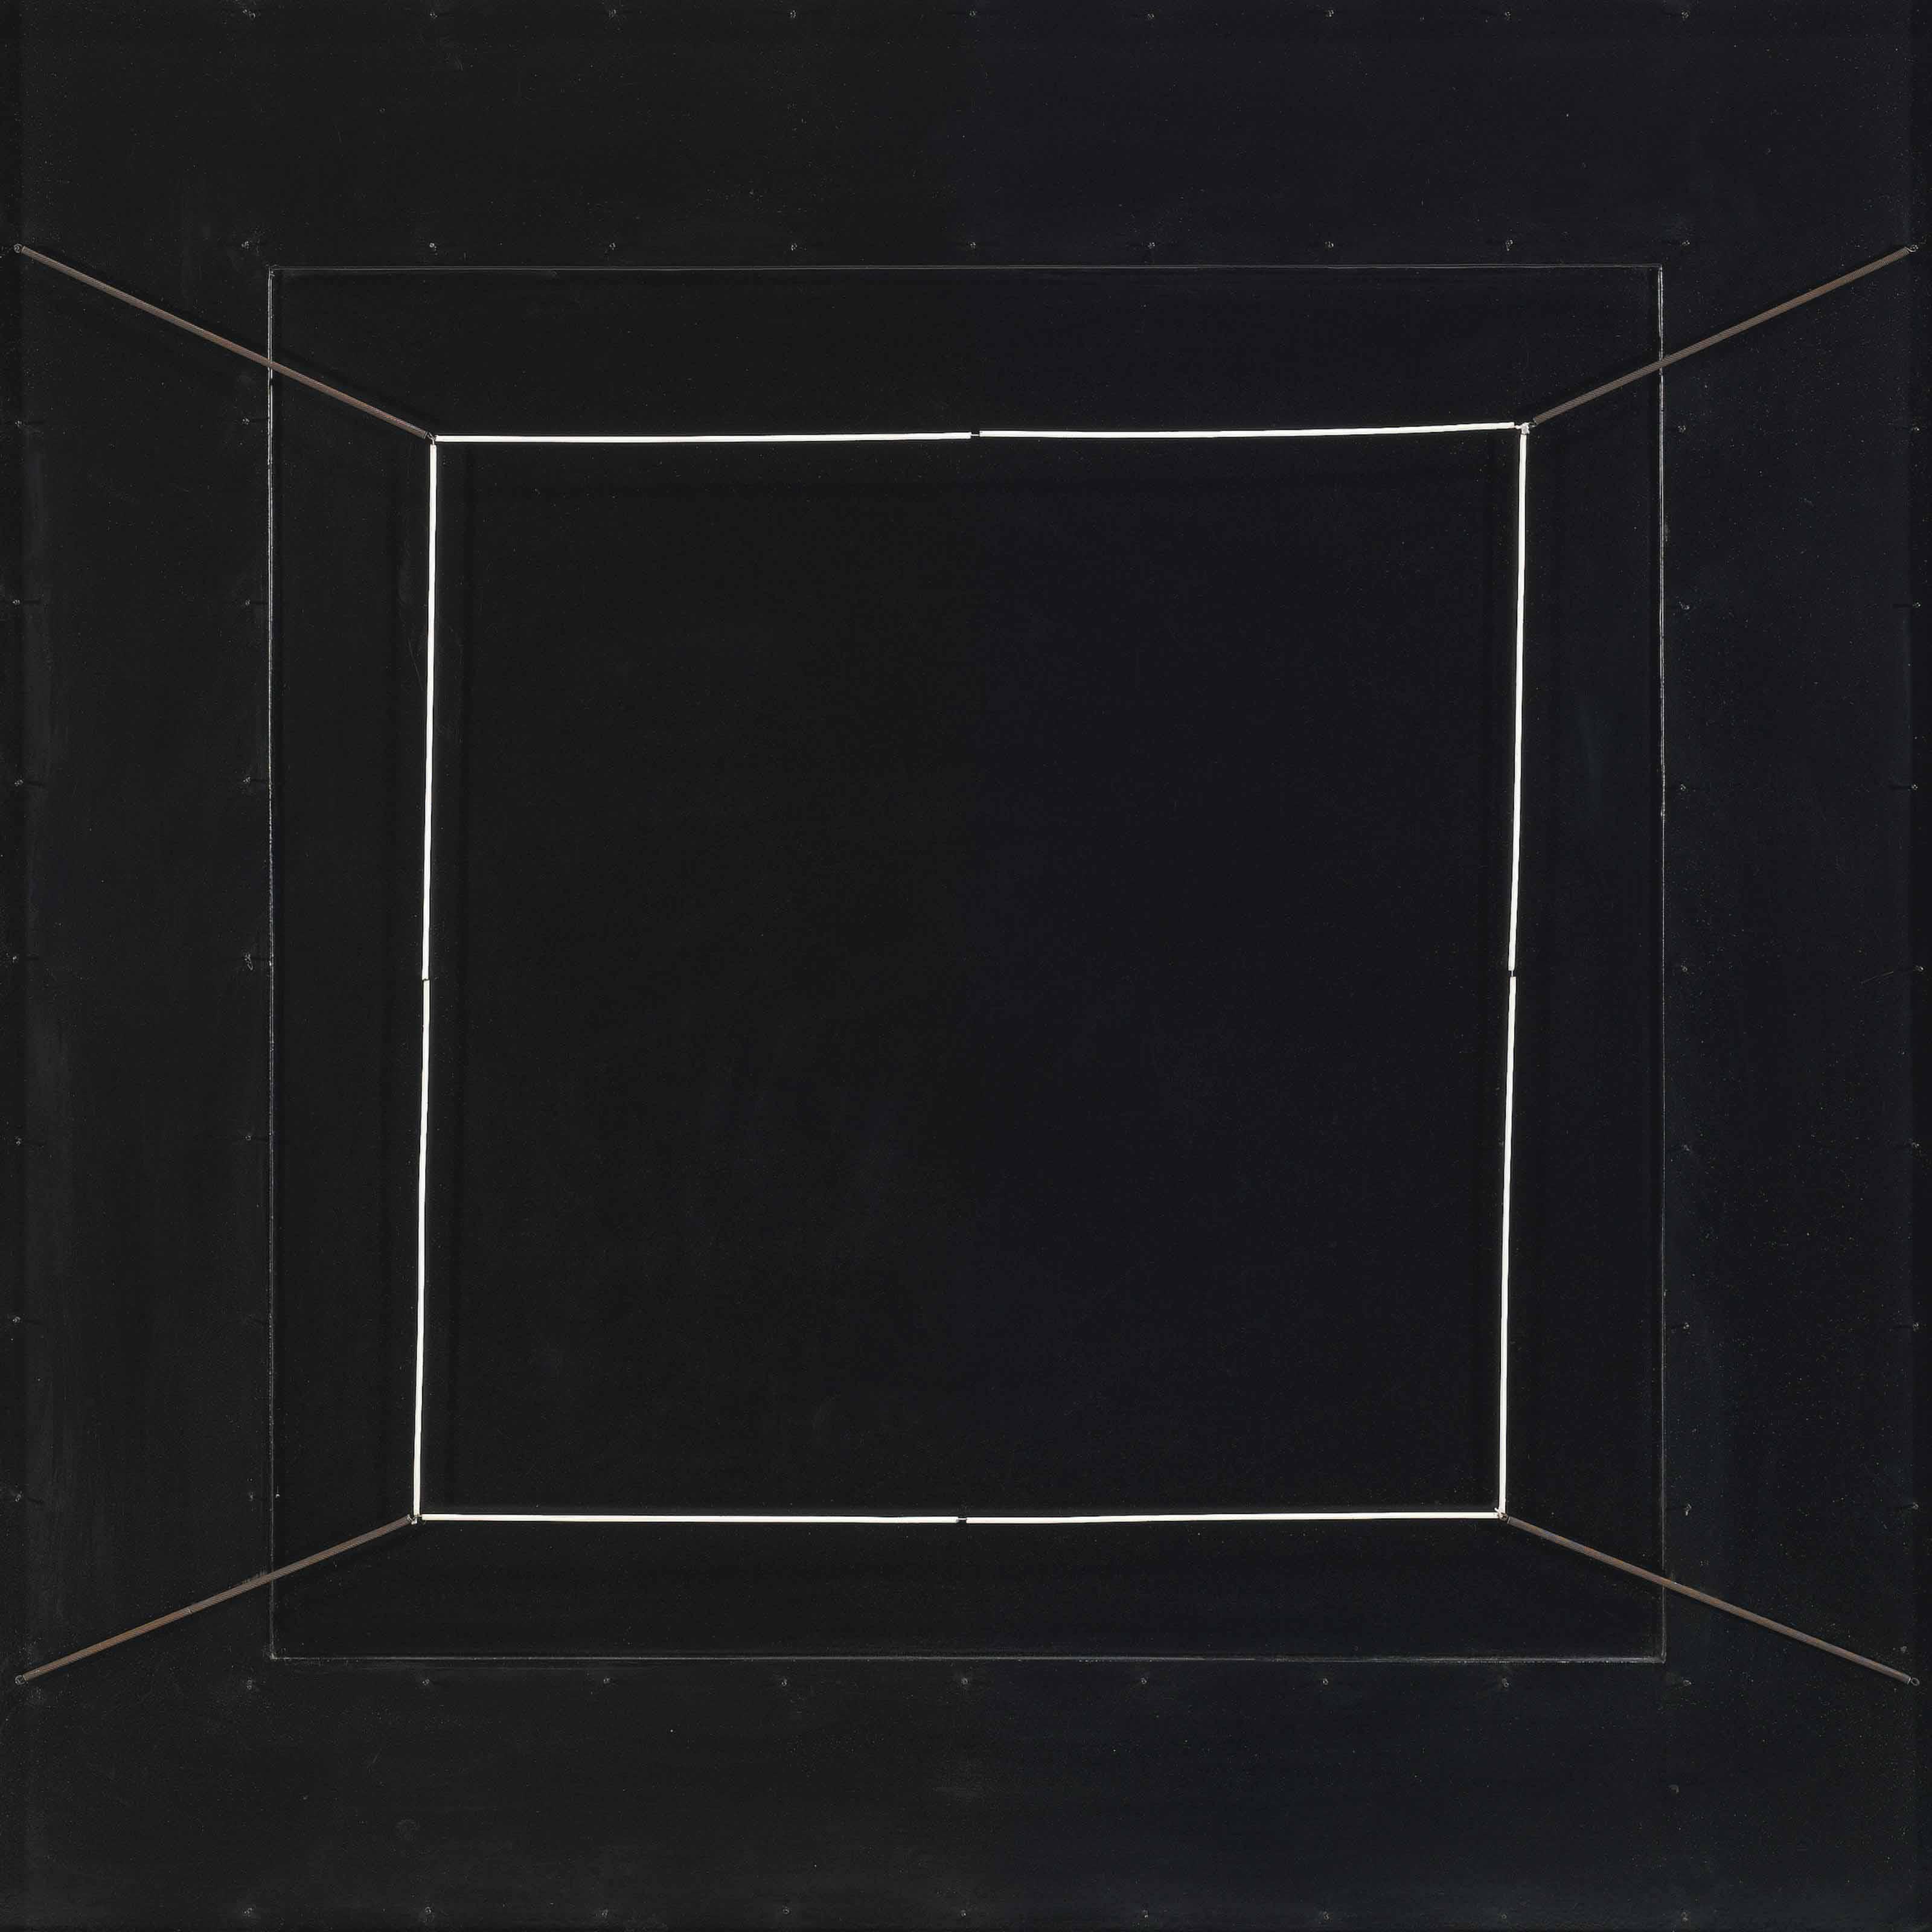 Spazio elastico - quadrato